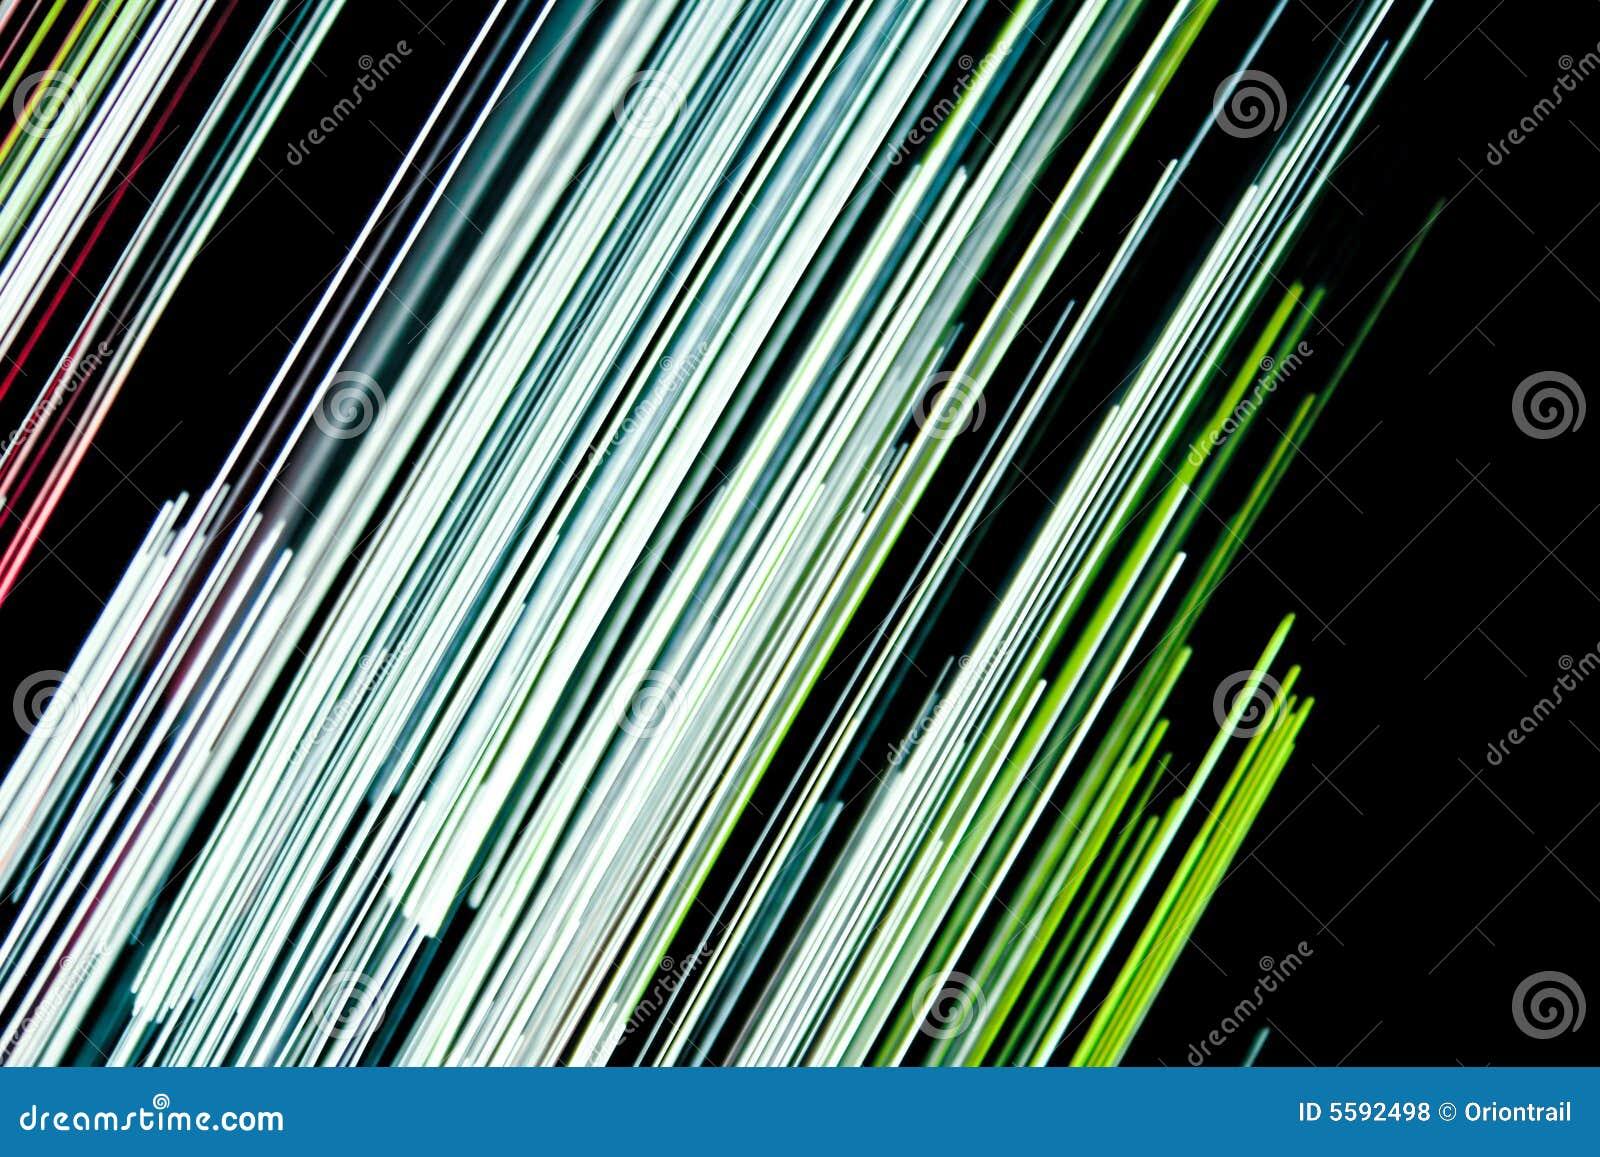 Linhas Coloridas Abstratas De Um Arco Ris Isolado No Fundo Branco